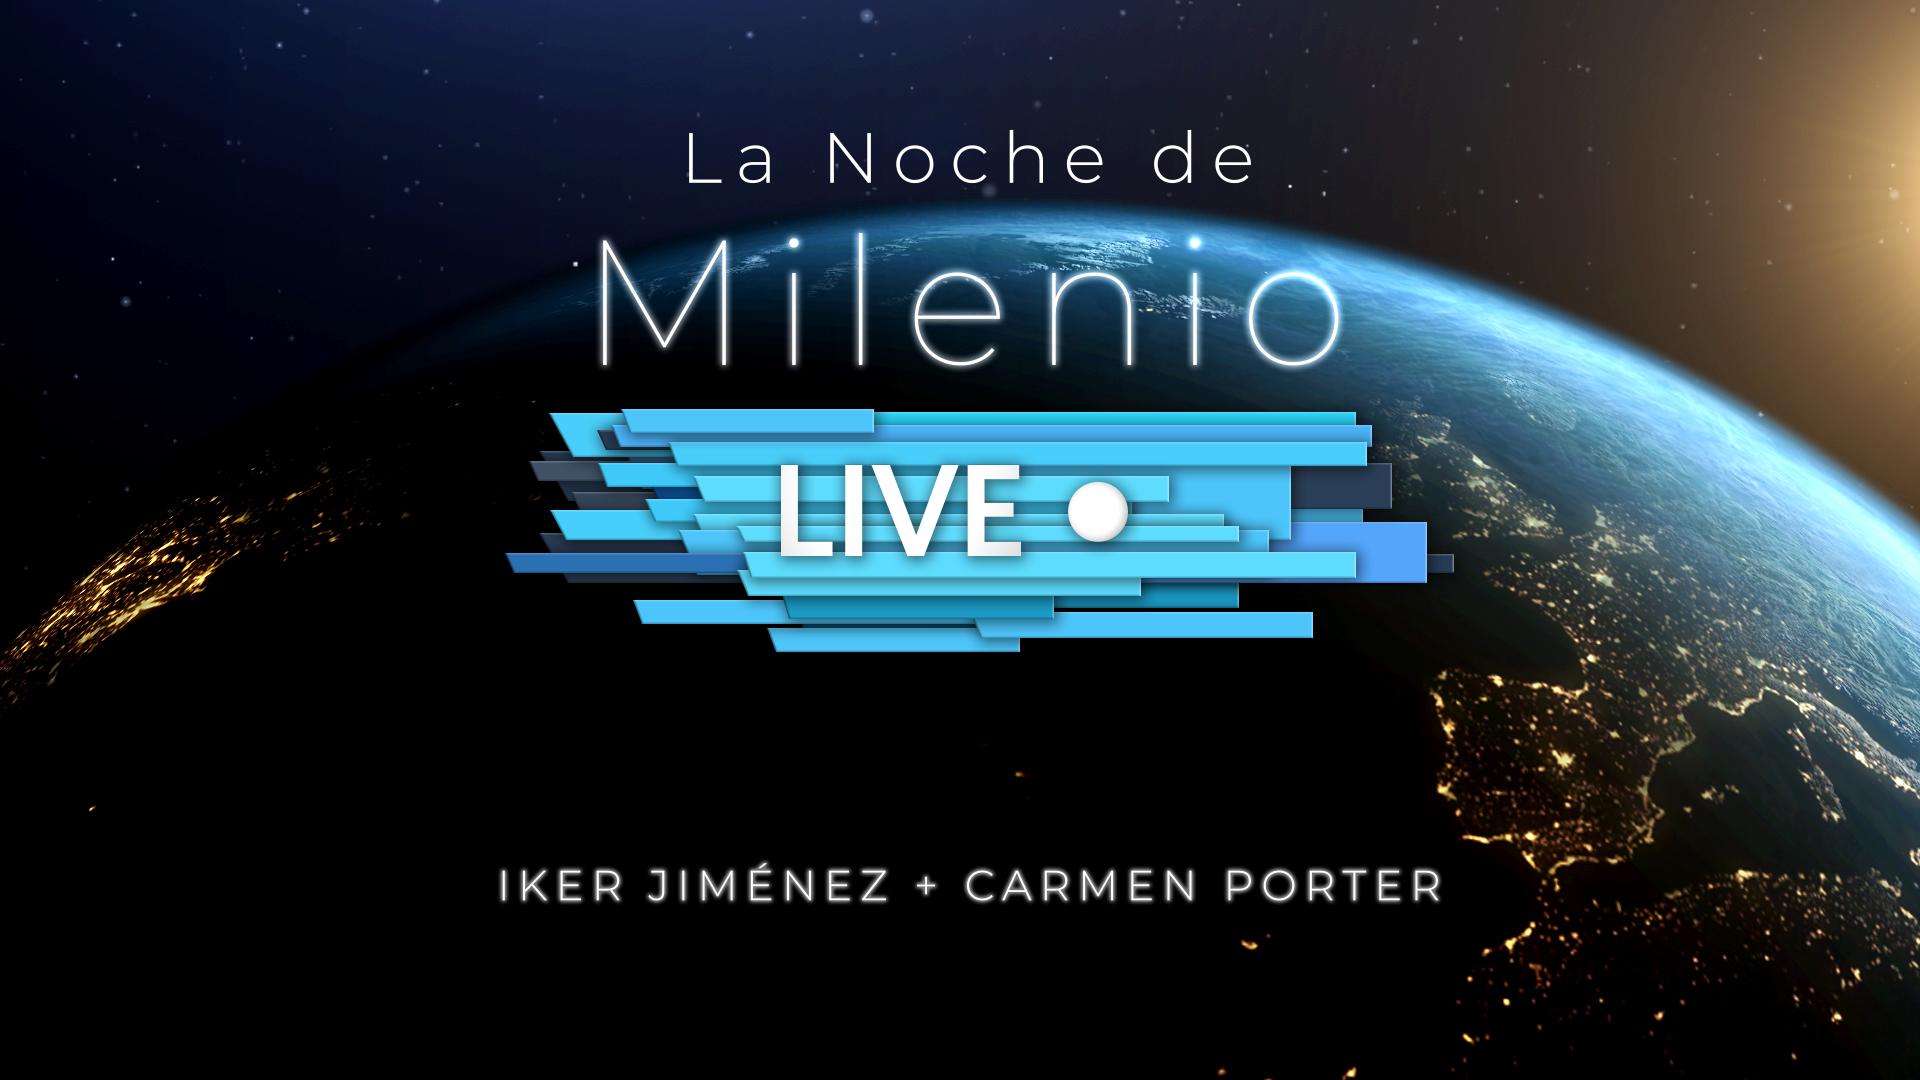 LA NOCHE DE MILENIO LIVE - Venta de entradas conciertos y ...